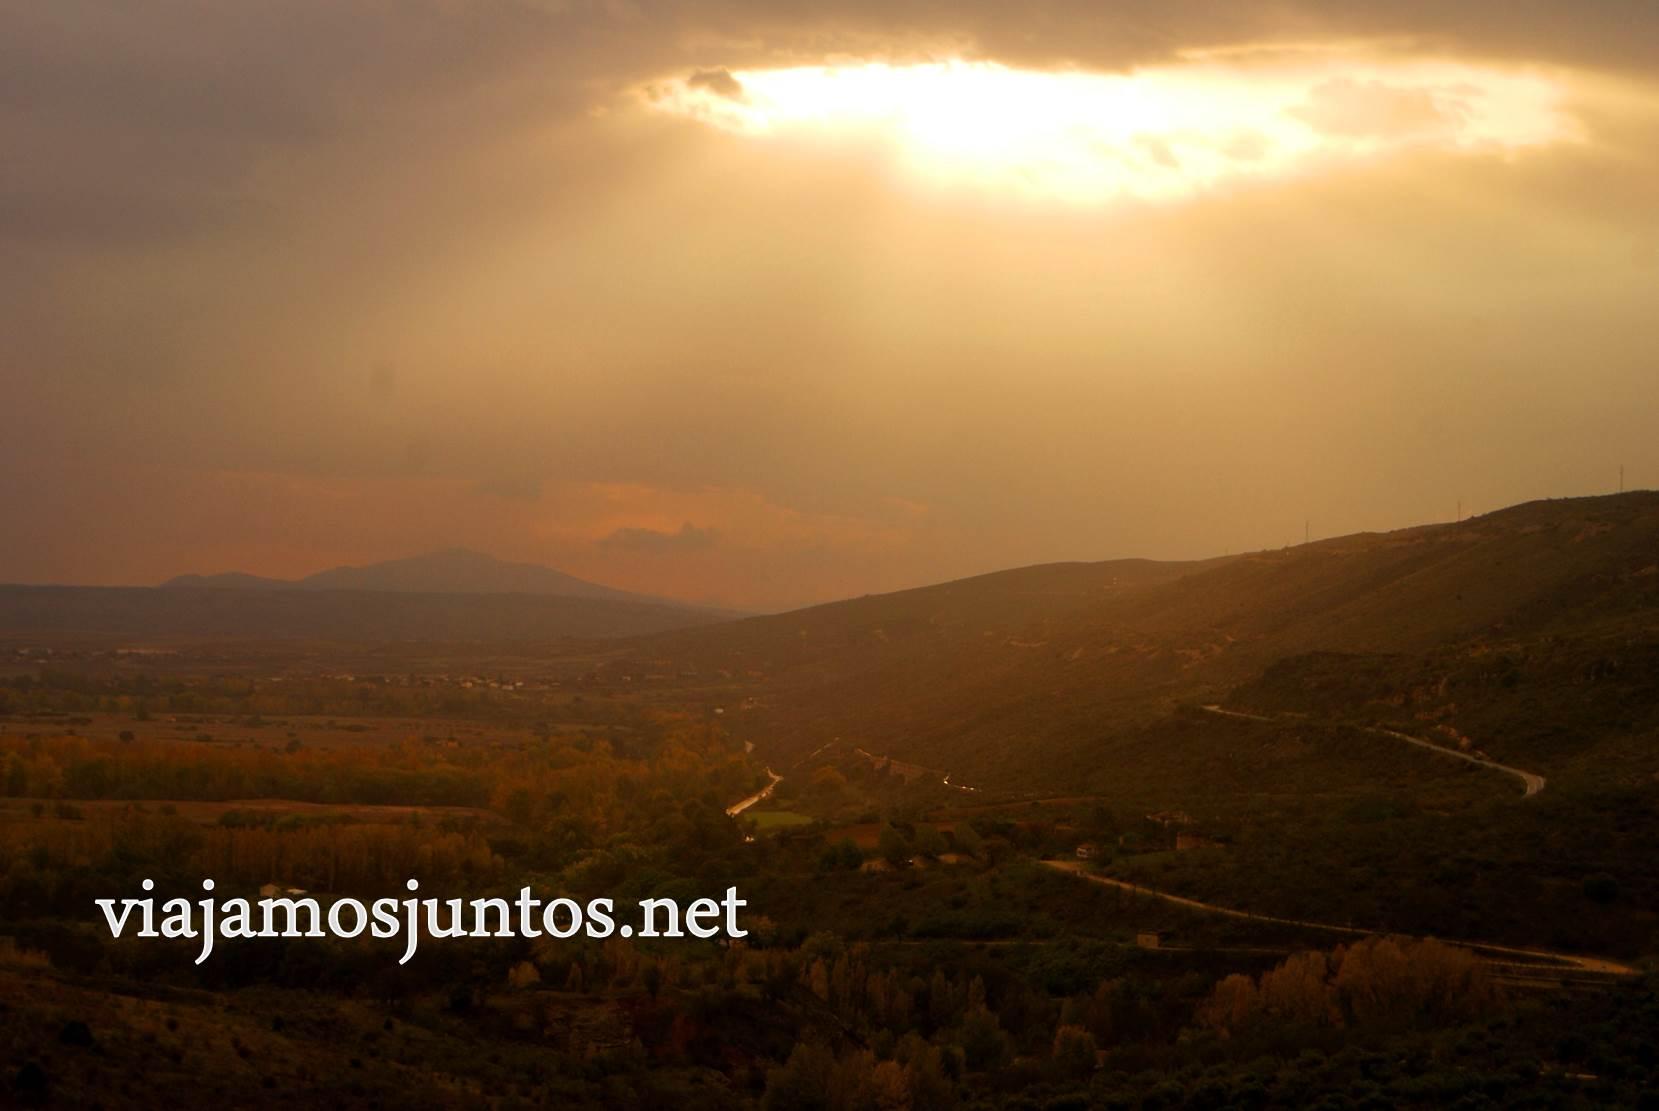 Ruta a las Cárcavas, Patones, Madrid; senderismo por sitios singulares de la Comunidad de Madrid